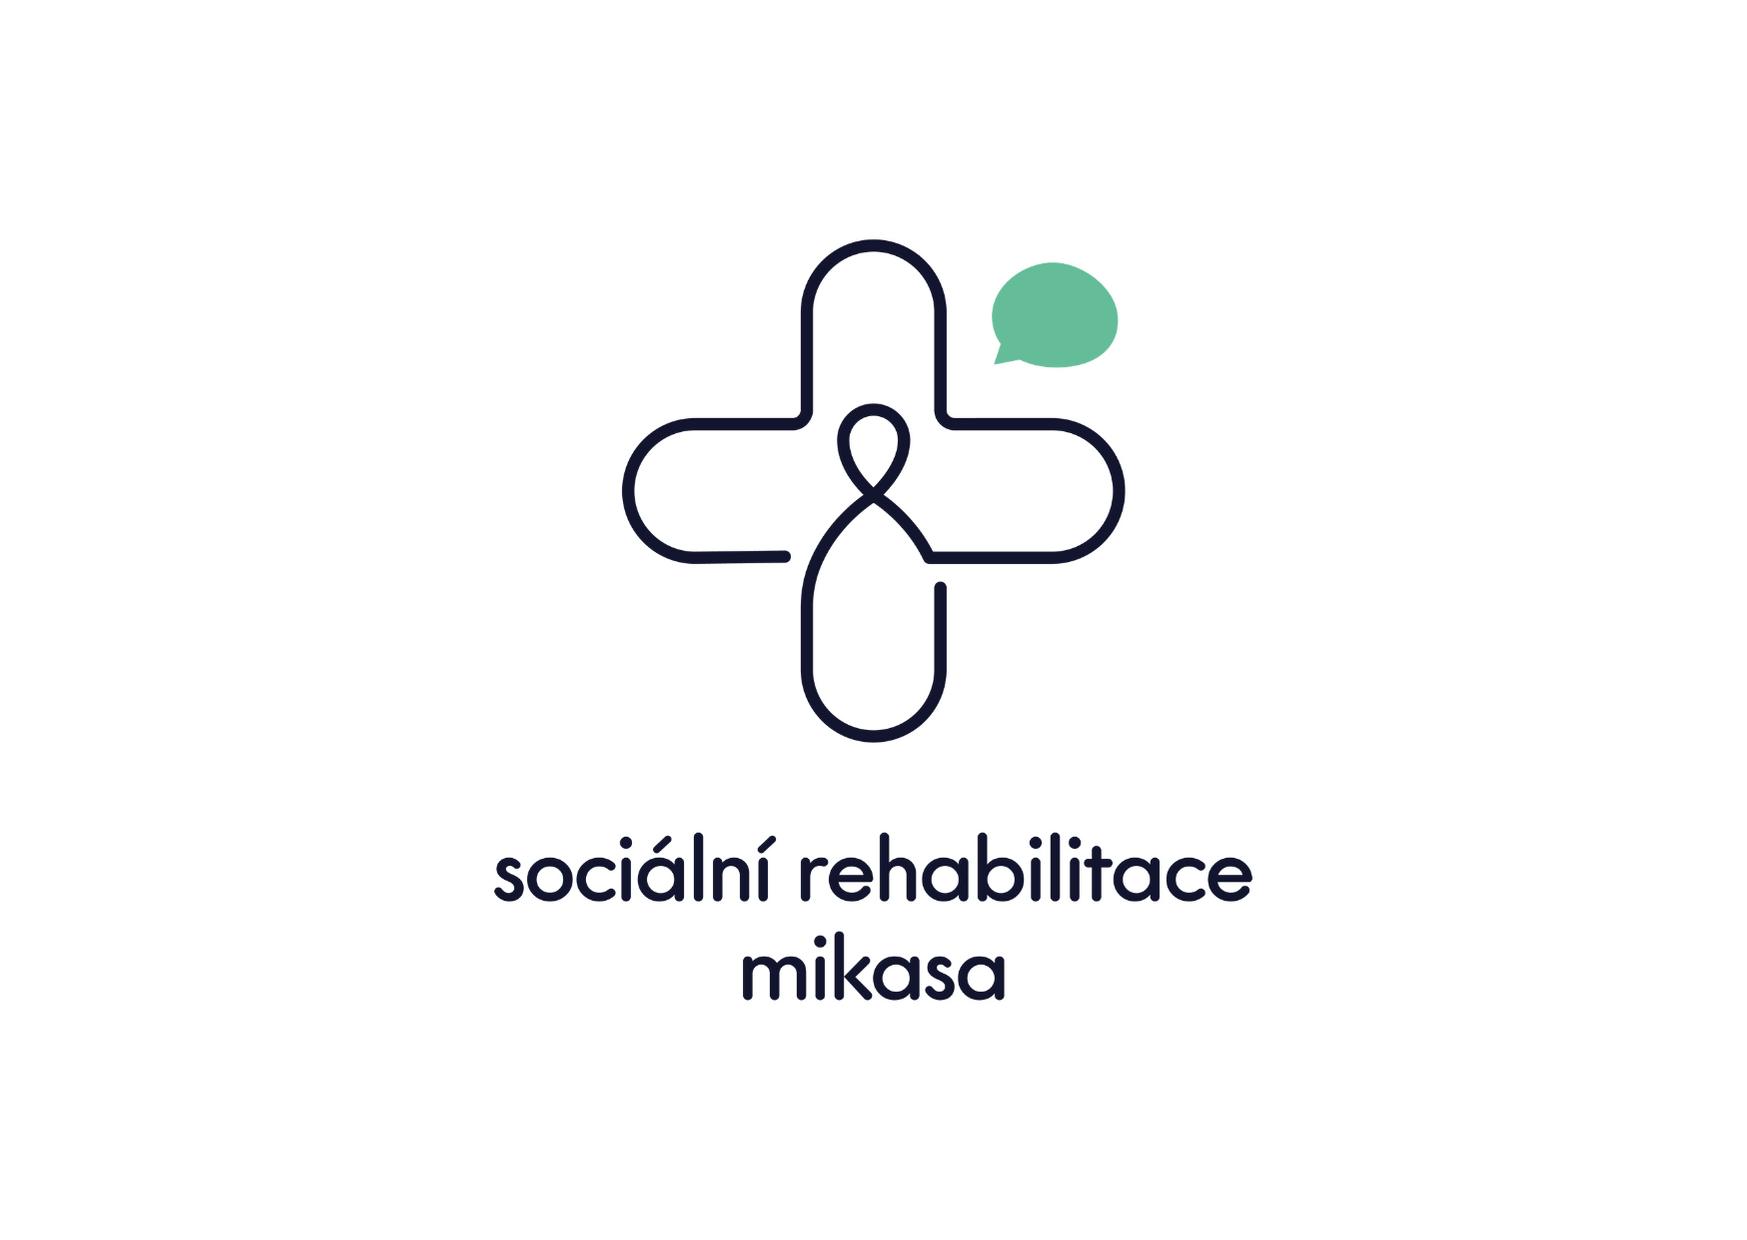 Sociální rehabilitace / dovolená